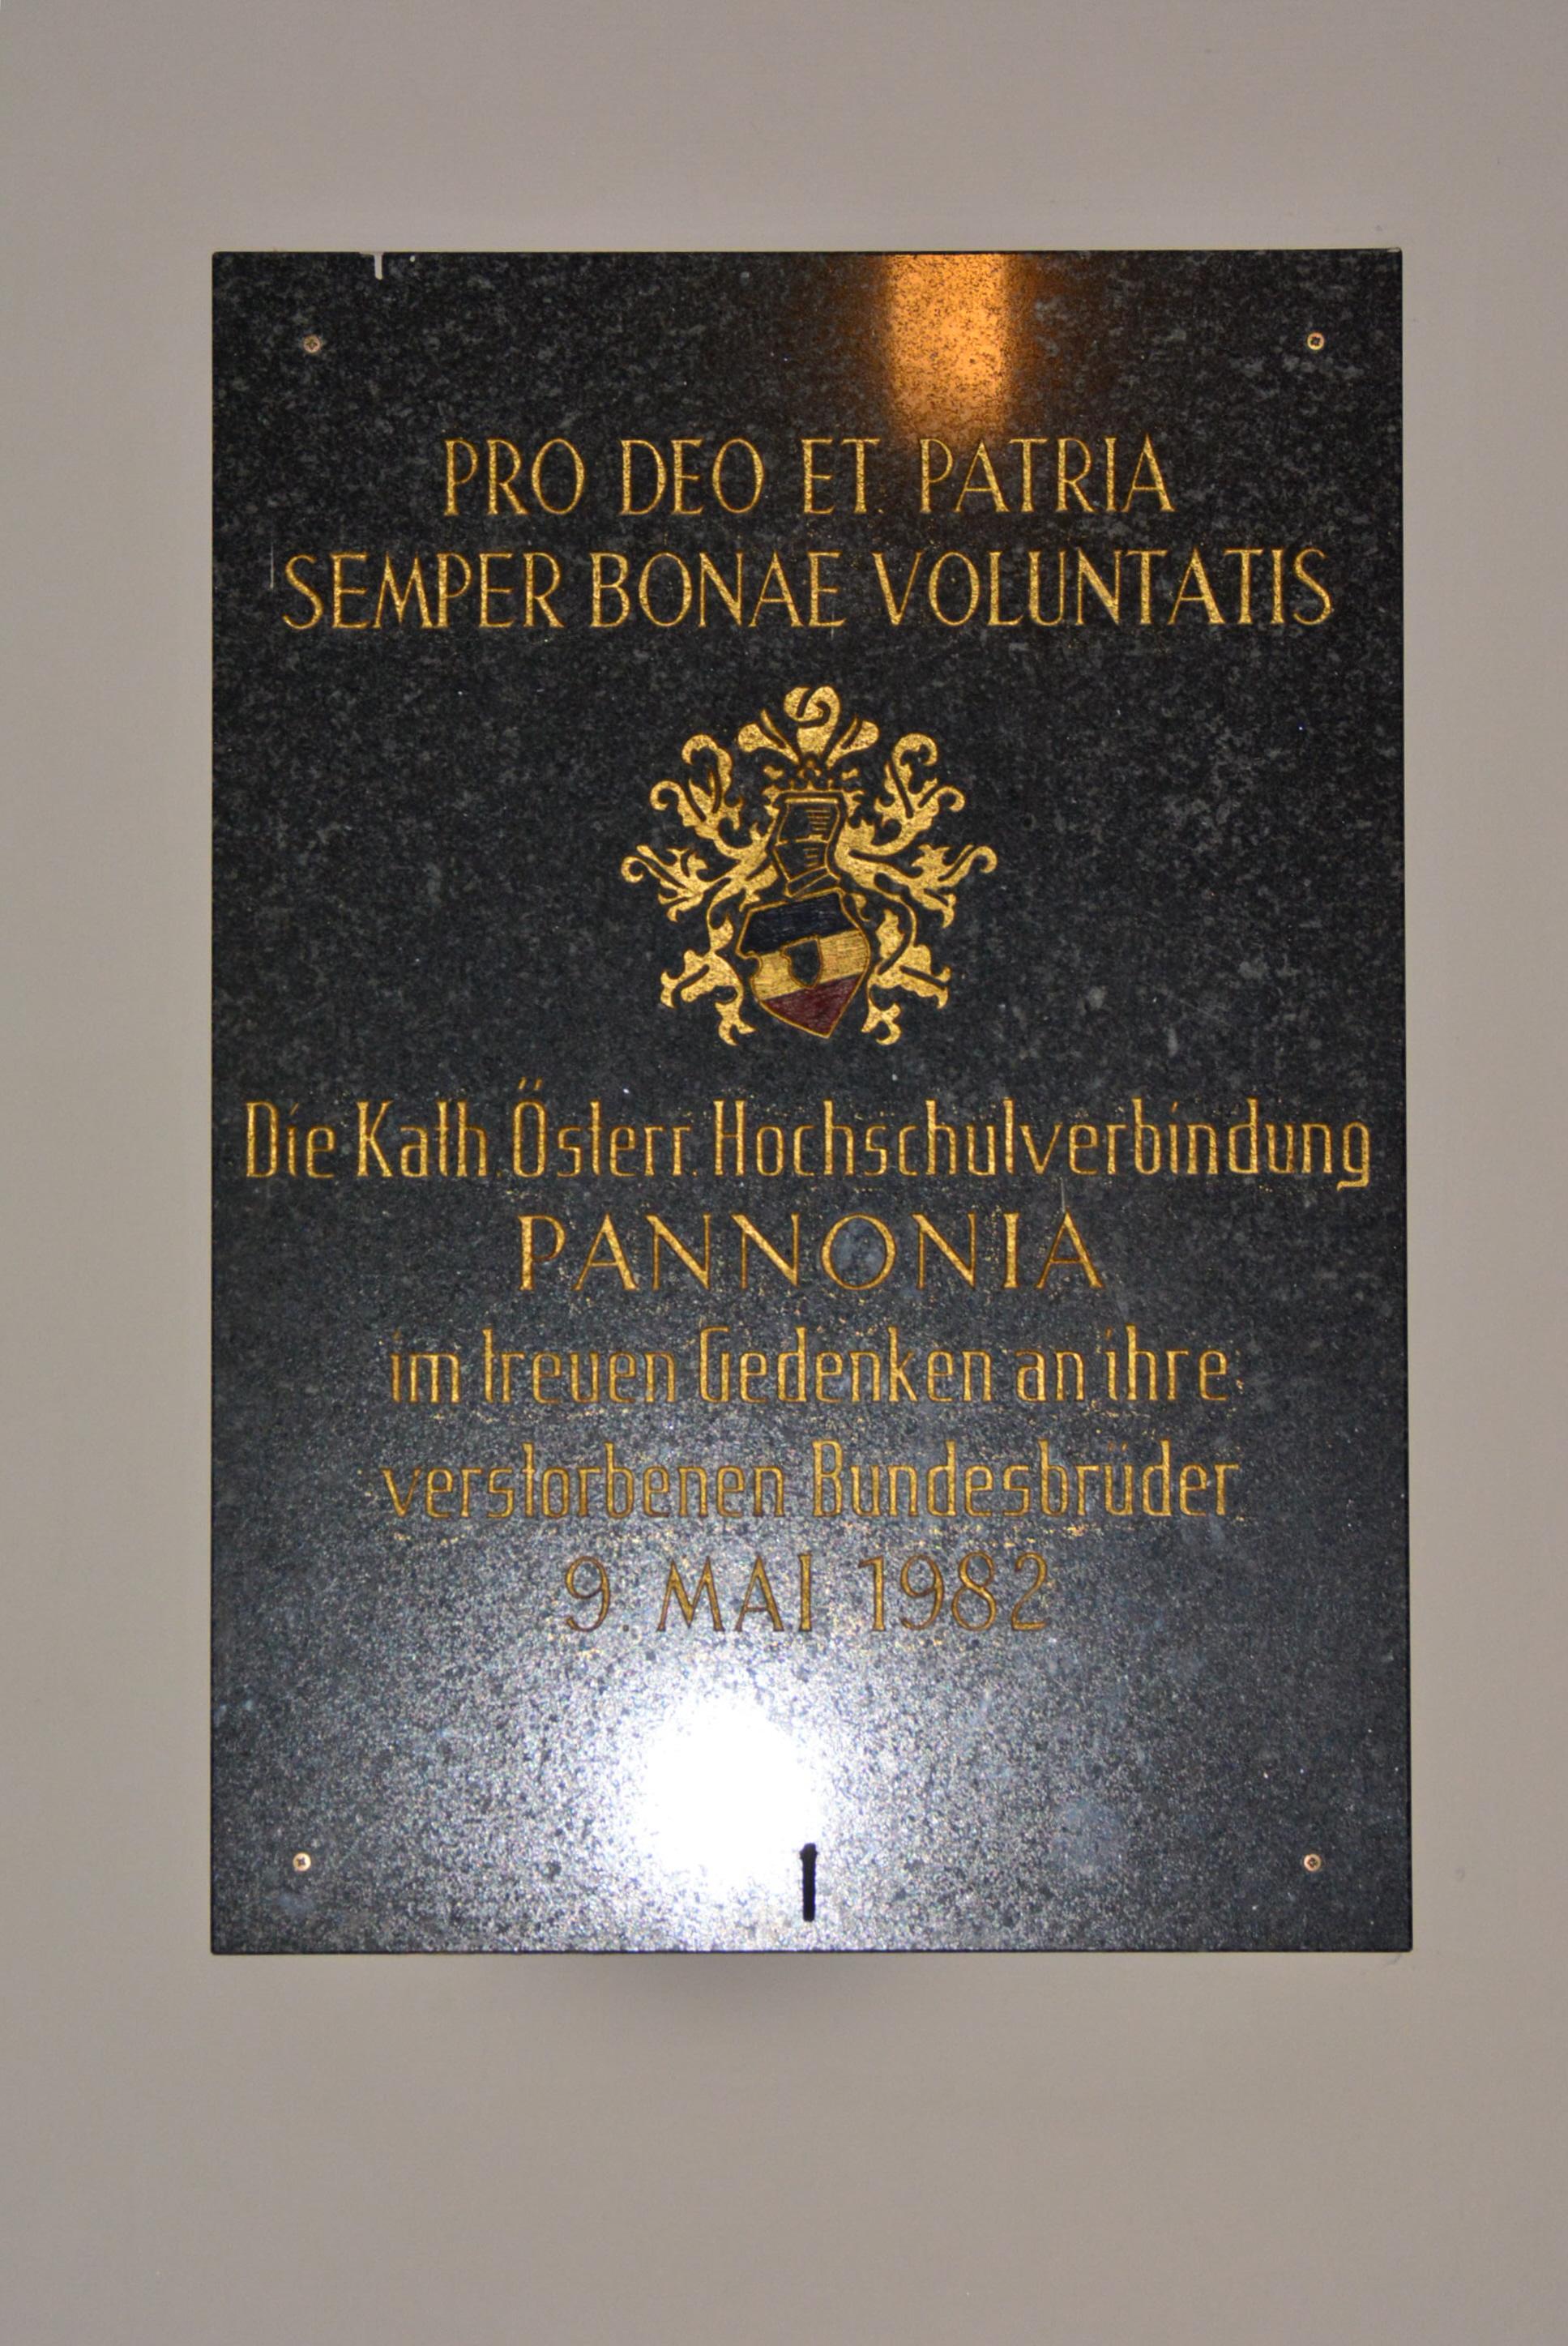 Wien01 Am Hof001 Kirche 0087 2017-05-20 GuentherZ GD Pannonia.jpg